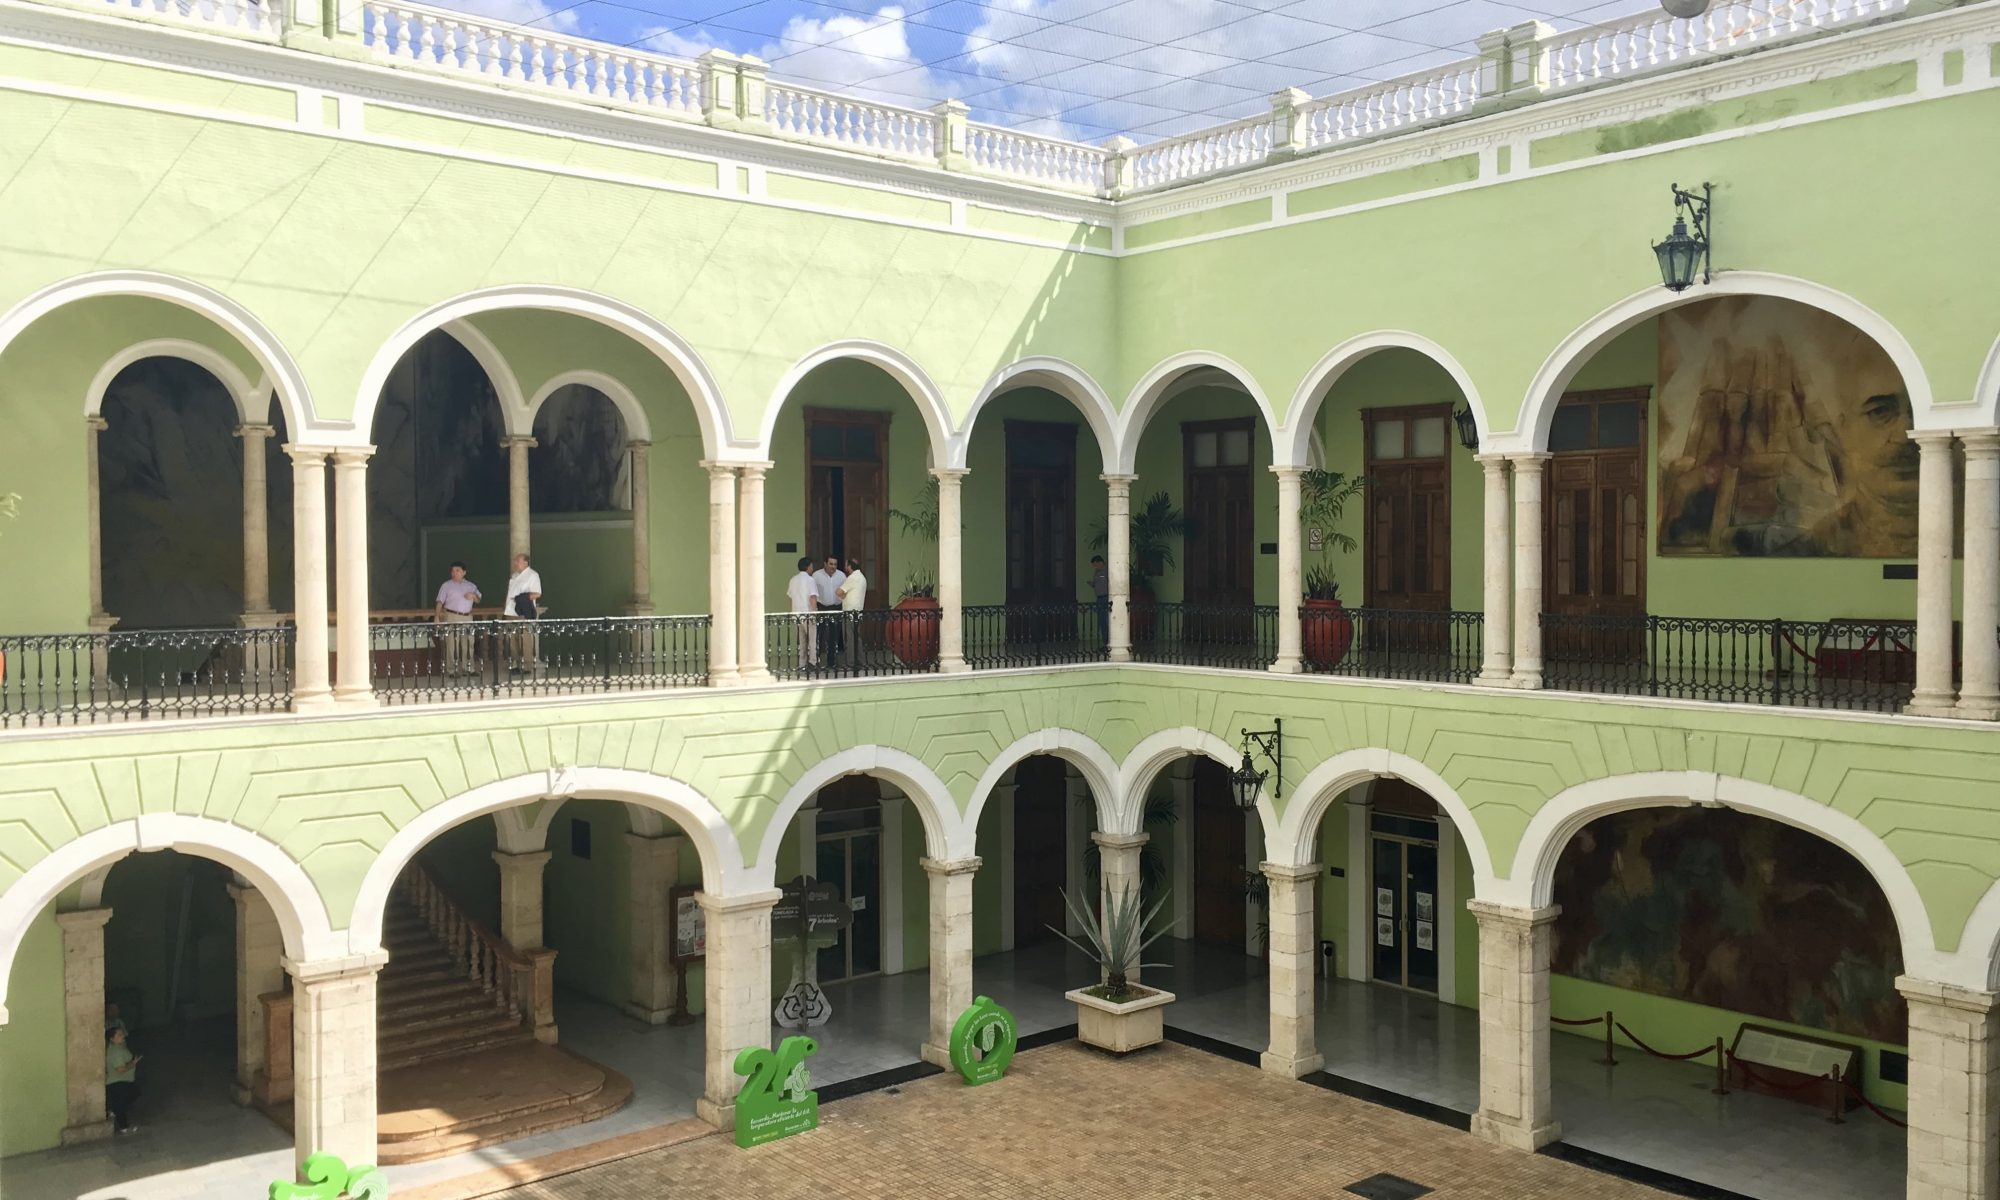 Palacio de Gobierno, Merida, Mexico